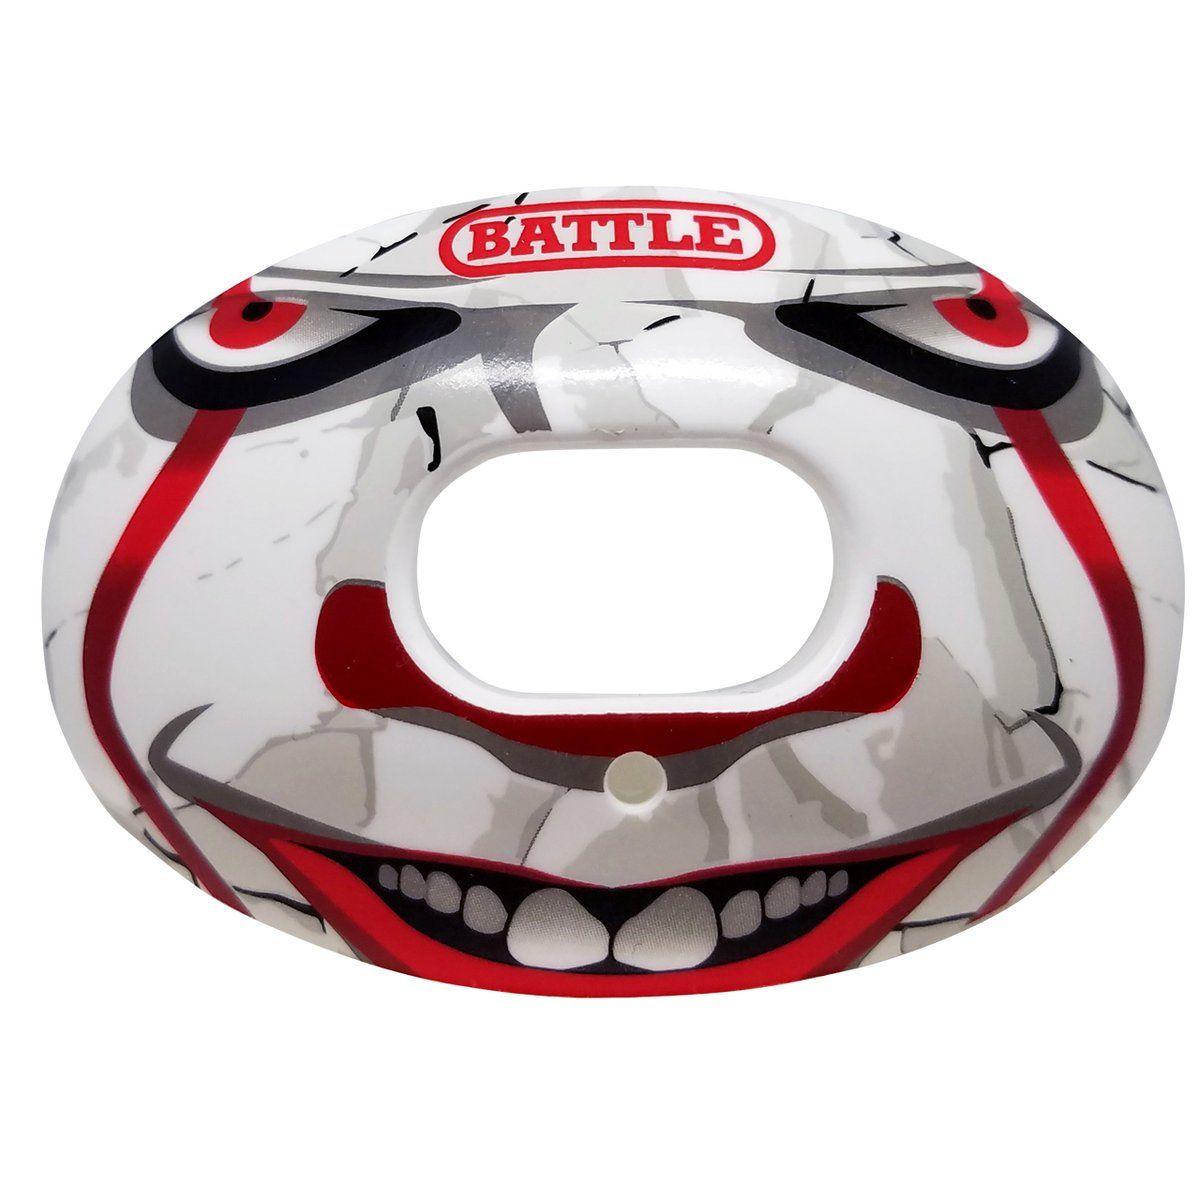 Battle oxygen clown mouthguard mouth guard football battle